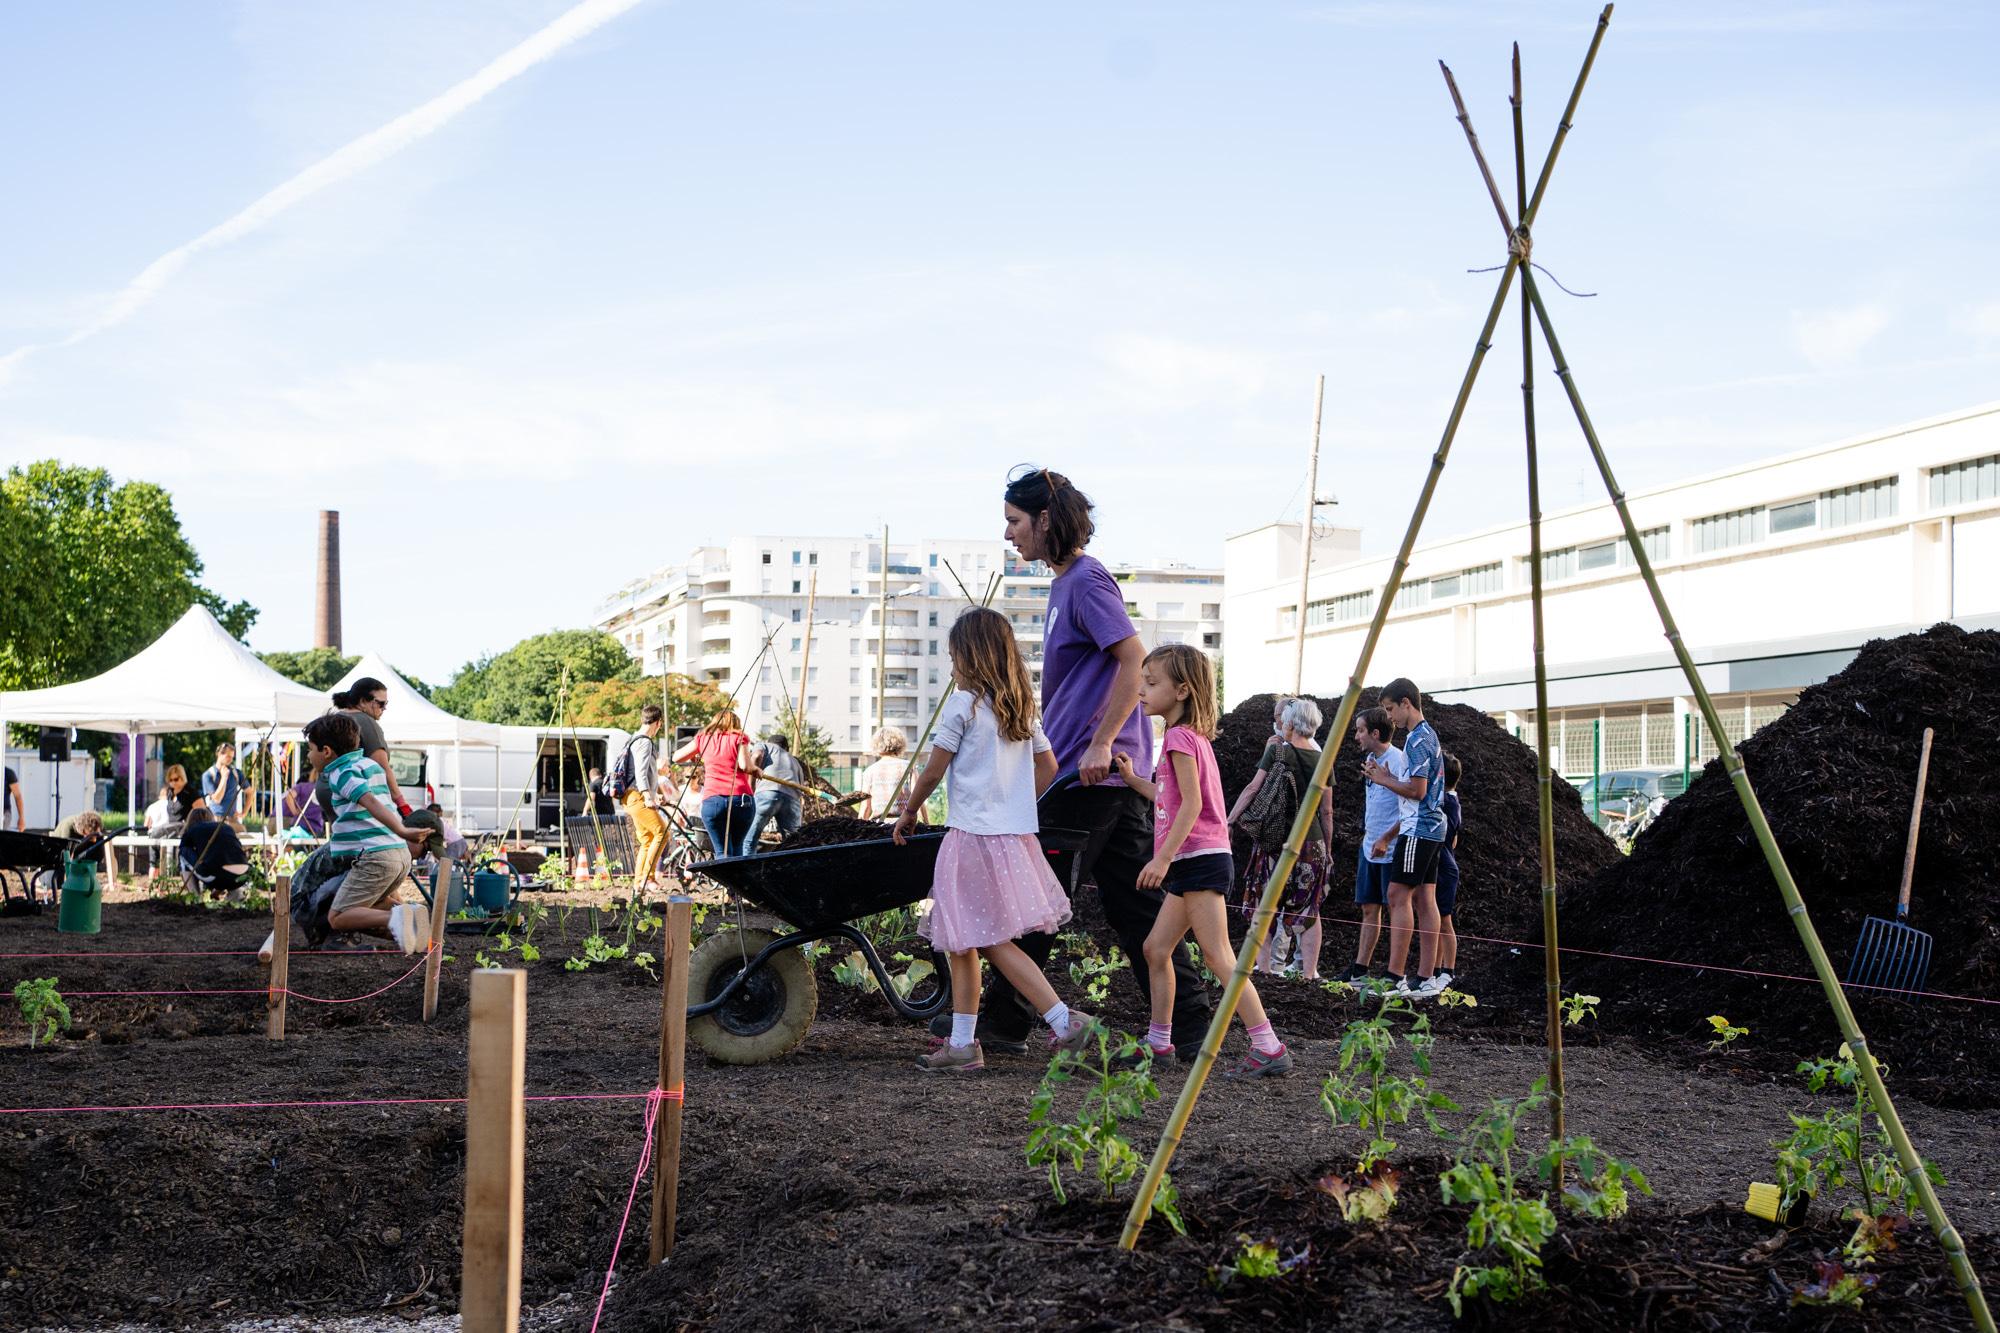 La ferme des artisans 4 - La Ferme des artisans, un projet éco-responsable pour mieux vivre la ville de demain